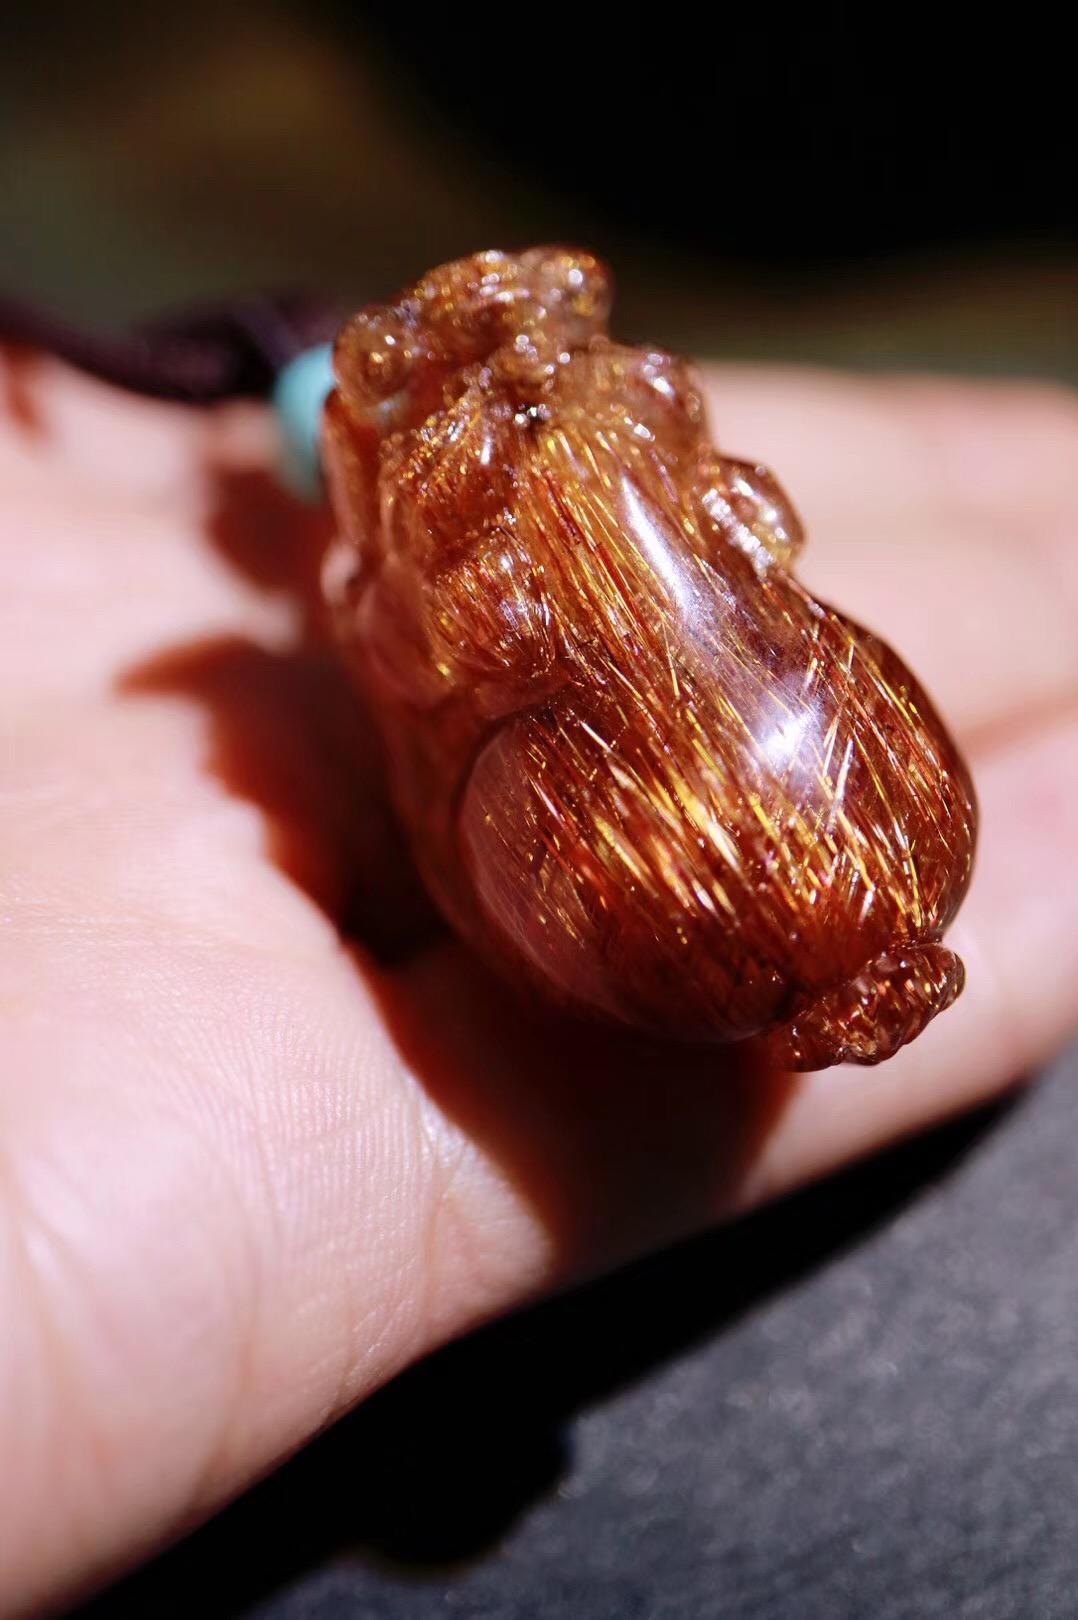 【铜发晶 | 貔貅】 貔貅是转祸为祥的吉瑞之兽-菩心晶舍